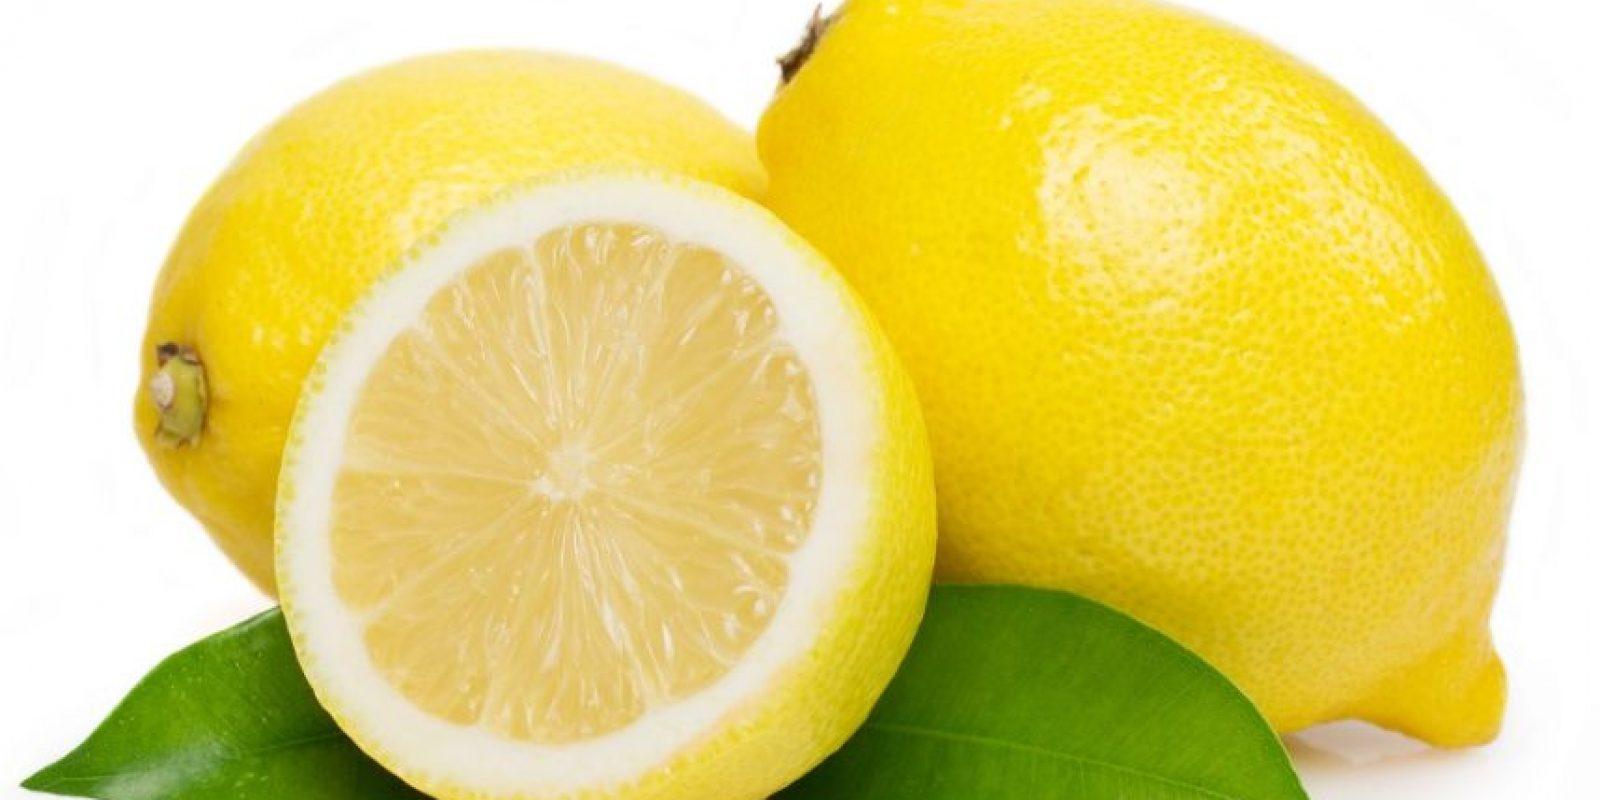 El limón. Es una fruta que no debería faltar en tu plan de nutrición. El jugo de esta fruta ayuda a licuar las grasas, además, incrementa el flujo linfático, el flujo de la sangre y reduce las celulitis.Consumido en ayunas, mezclado con un vaso de agua, es un remedio sencillo que te permite depurar el organismo, te ayuda a eliminar toxinas y quemar lípidos, te aporta vitamina C y fortalece tu sistema inmunológico. Foto:Fuente externa